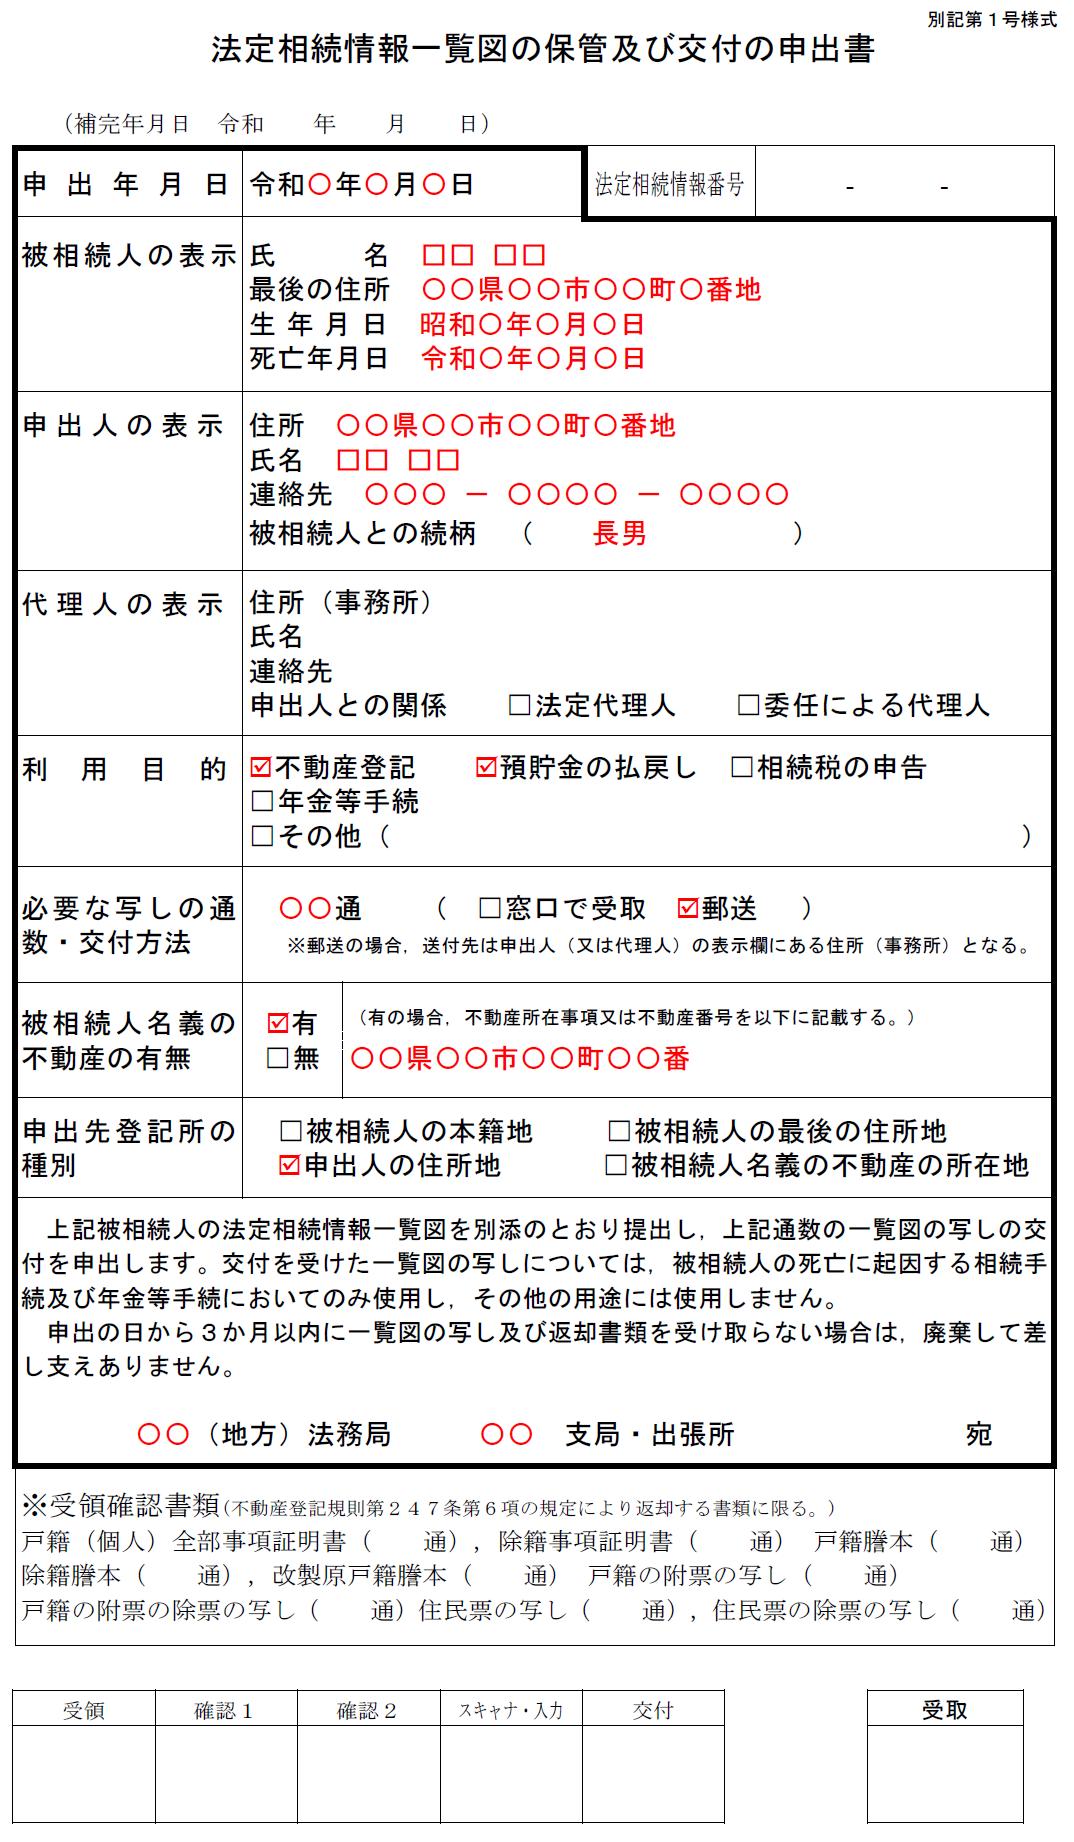 申出人が手続きを行う場合の申出書の記載例